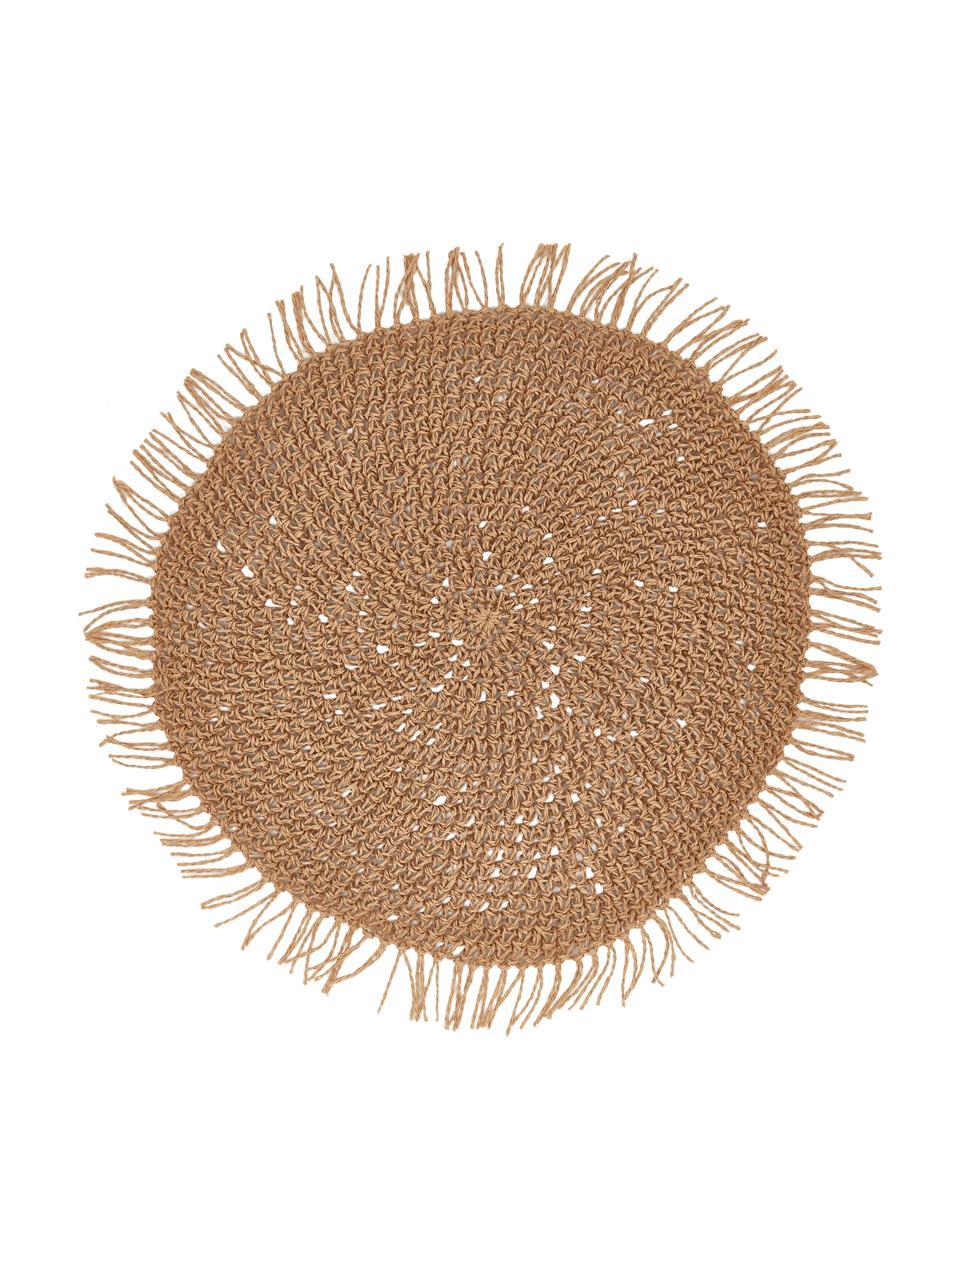 Ronde placemats Tressine uit papiervezels, 6 stuks, Geweven papiervezels, Beige, Ø 38 cm